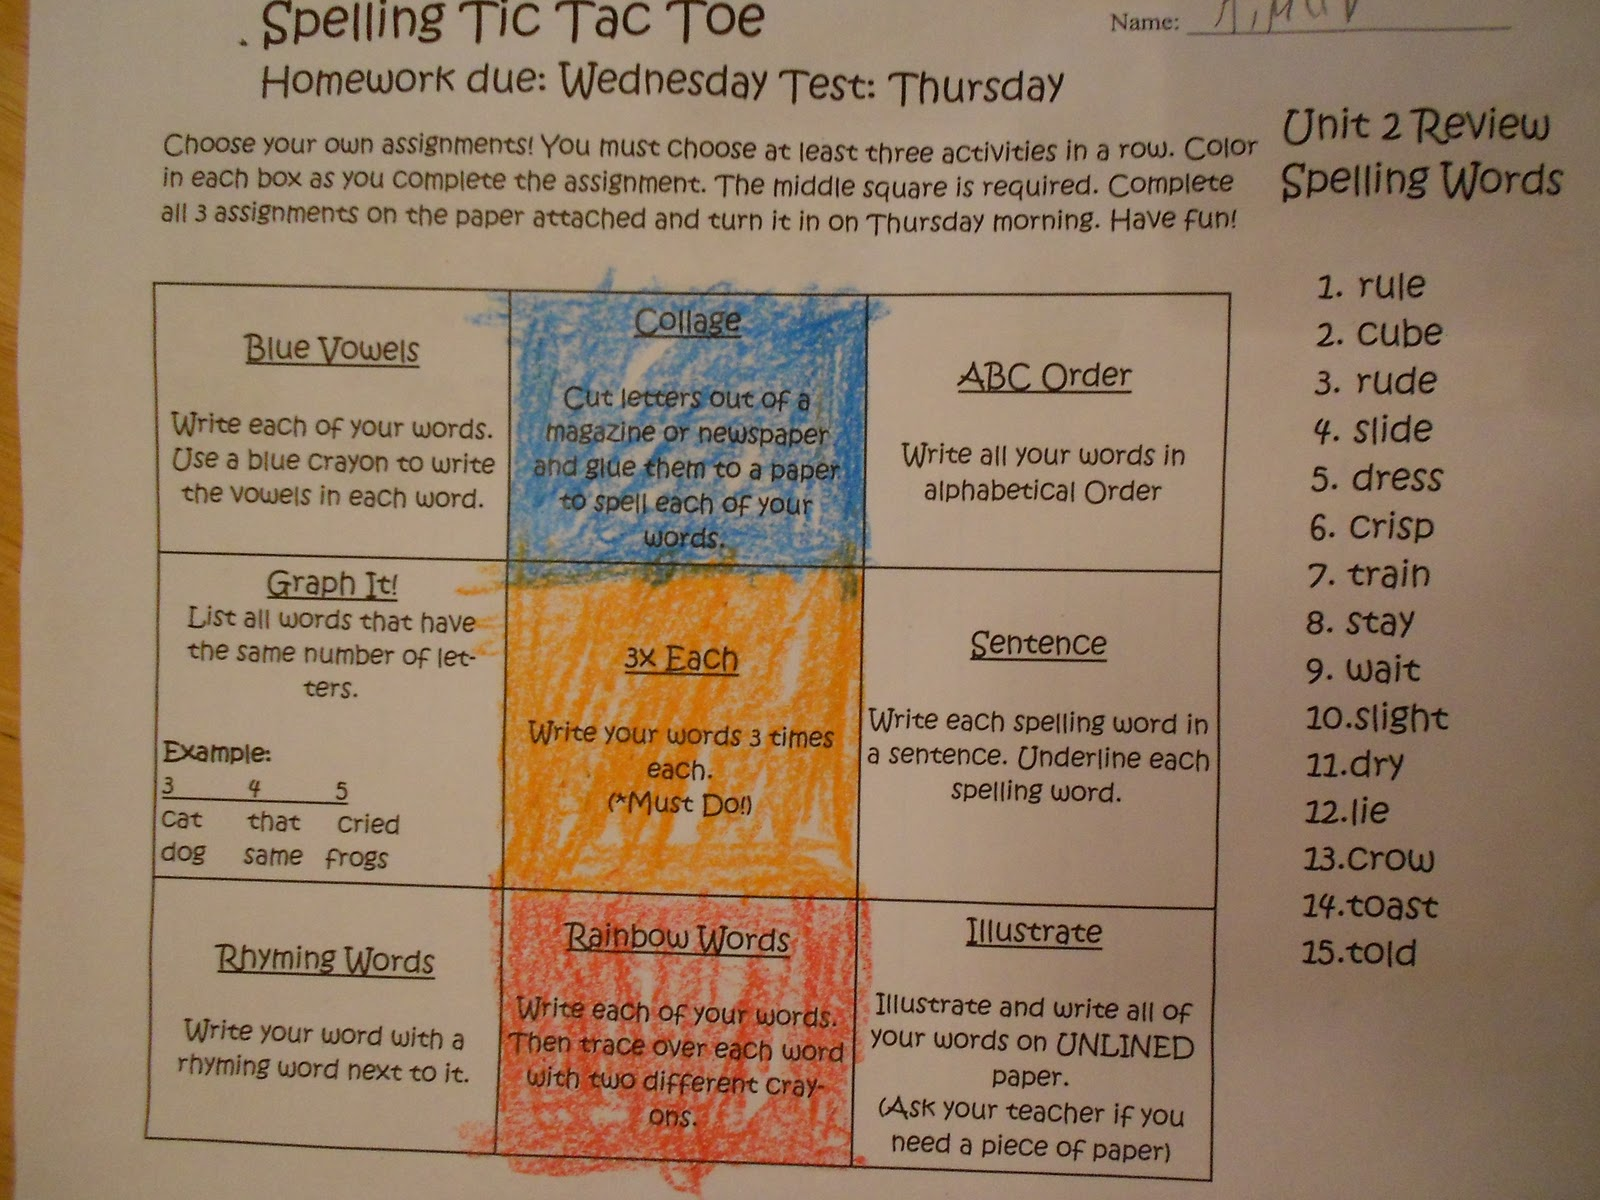 Spelling Tic Tac Toe Menu